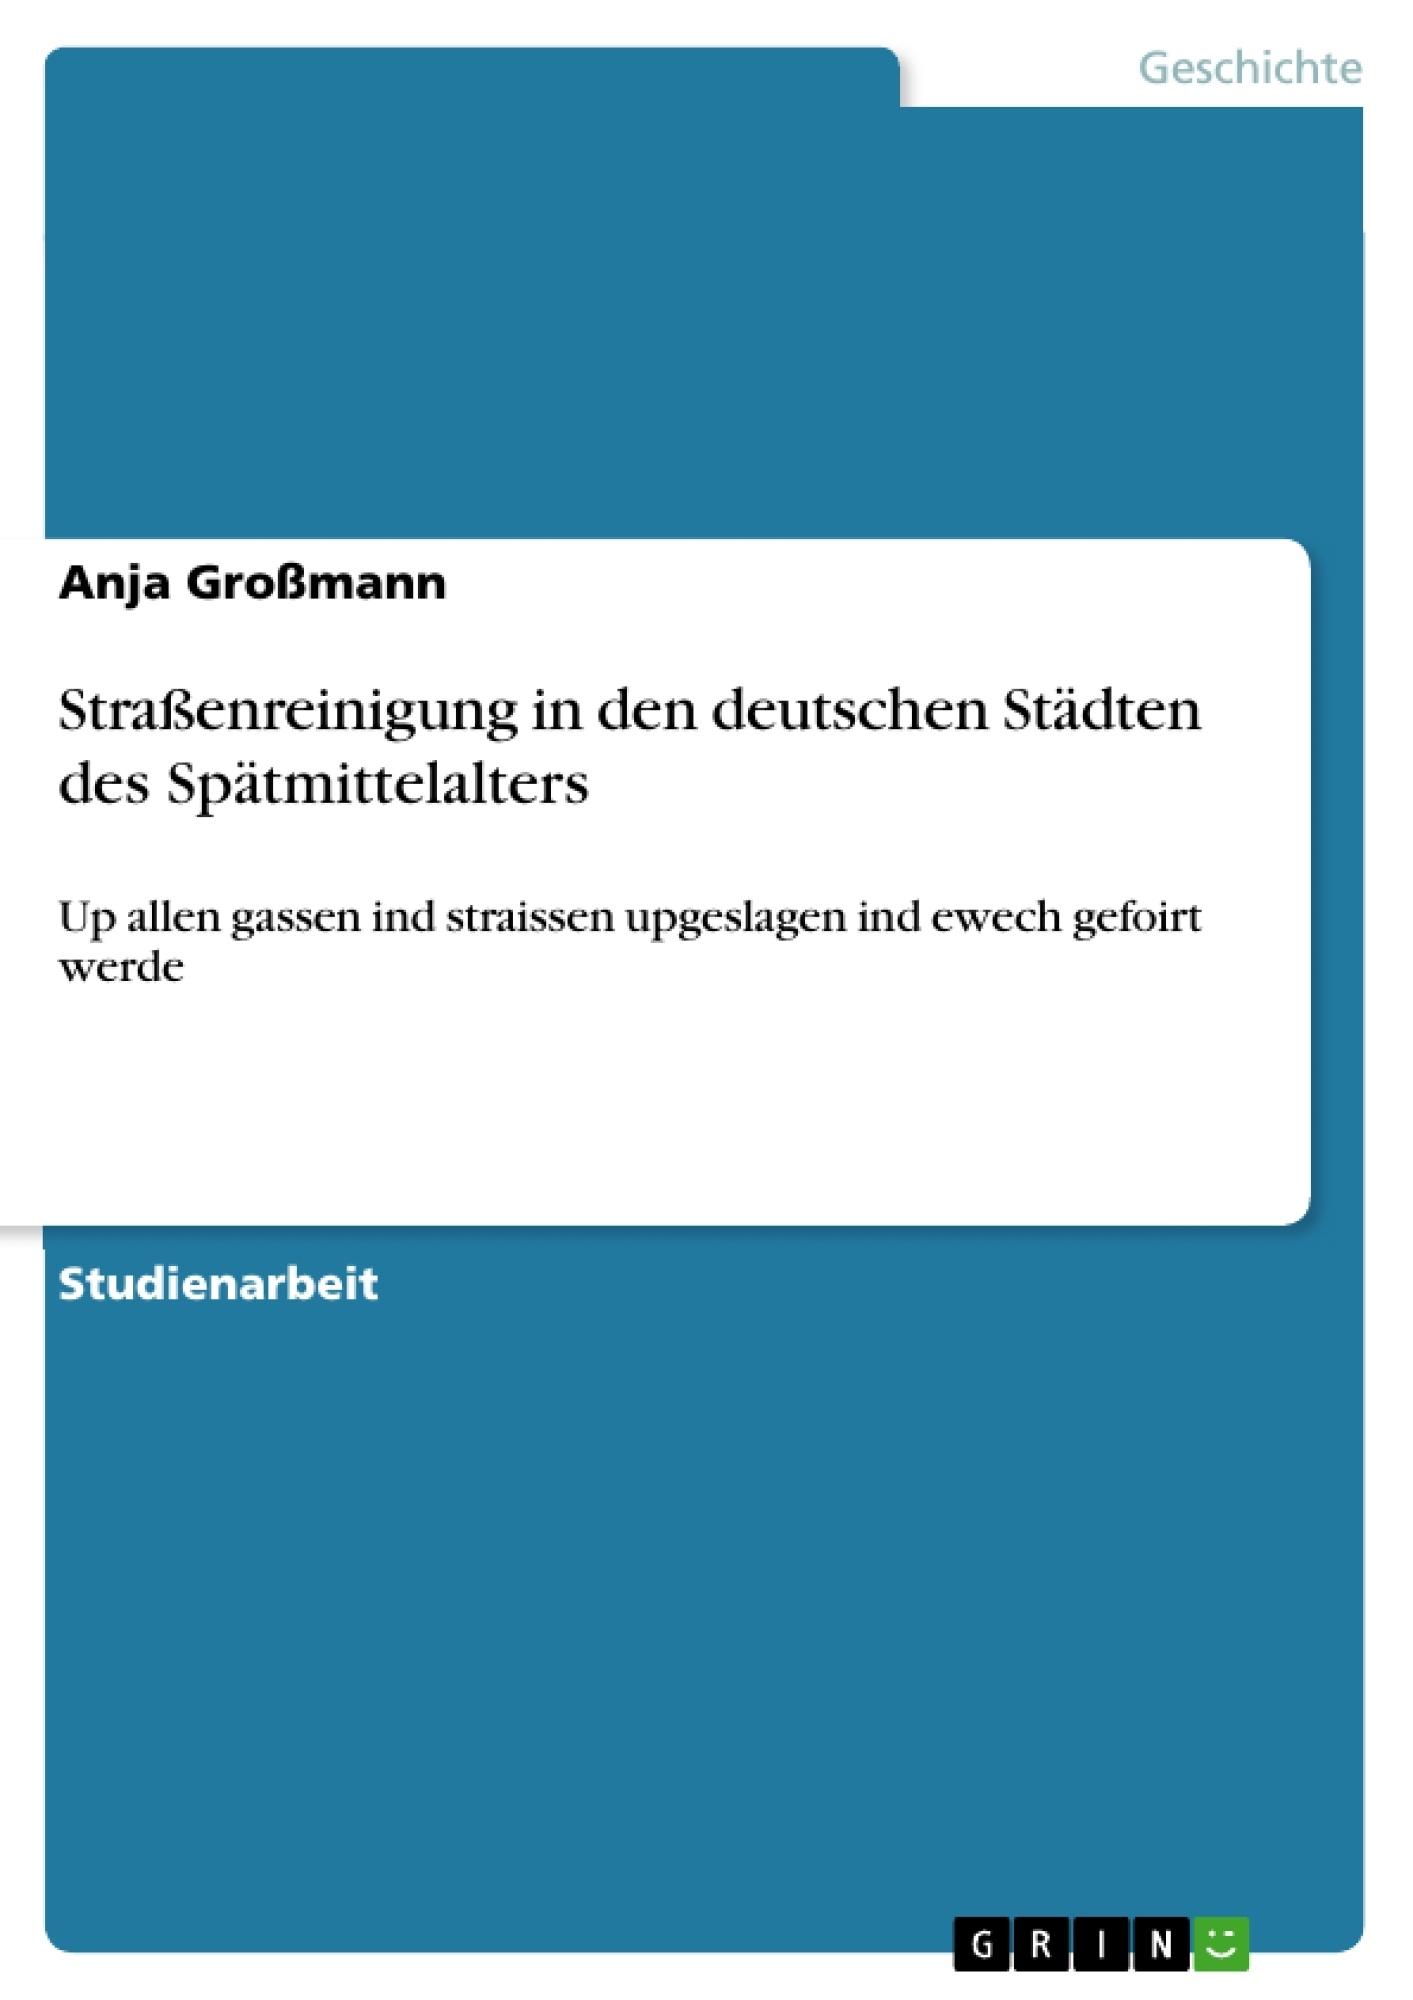 Titel: Straßenreinigung in den deutschen Städten des Spätmittelalters